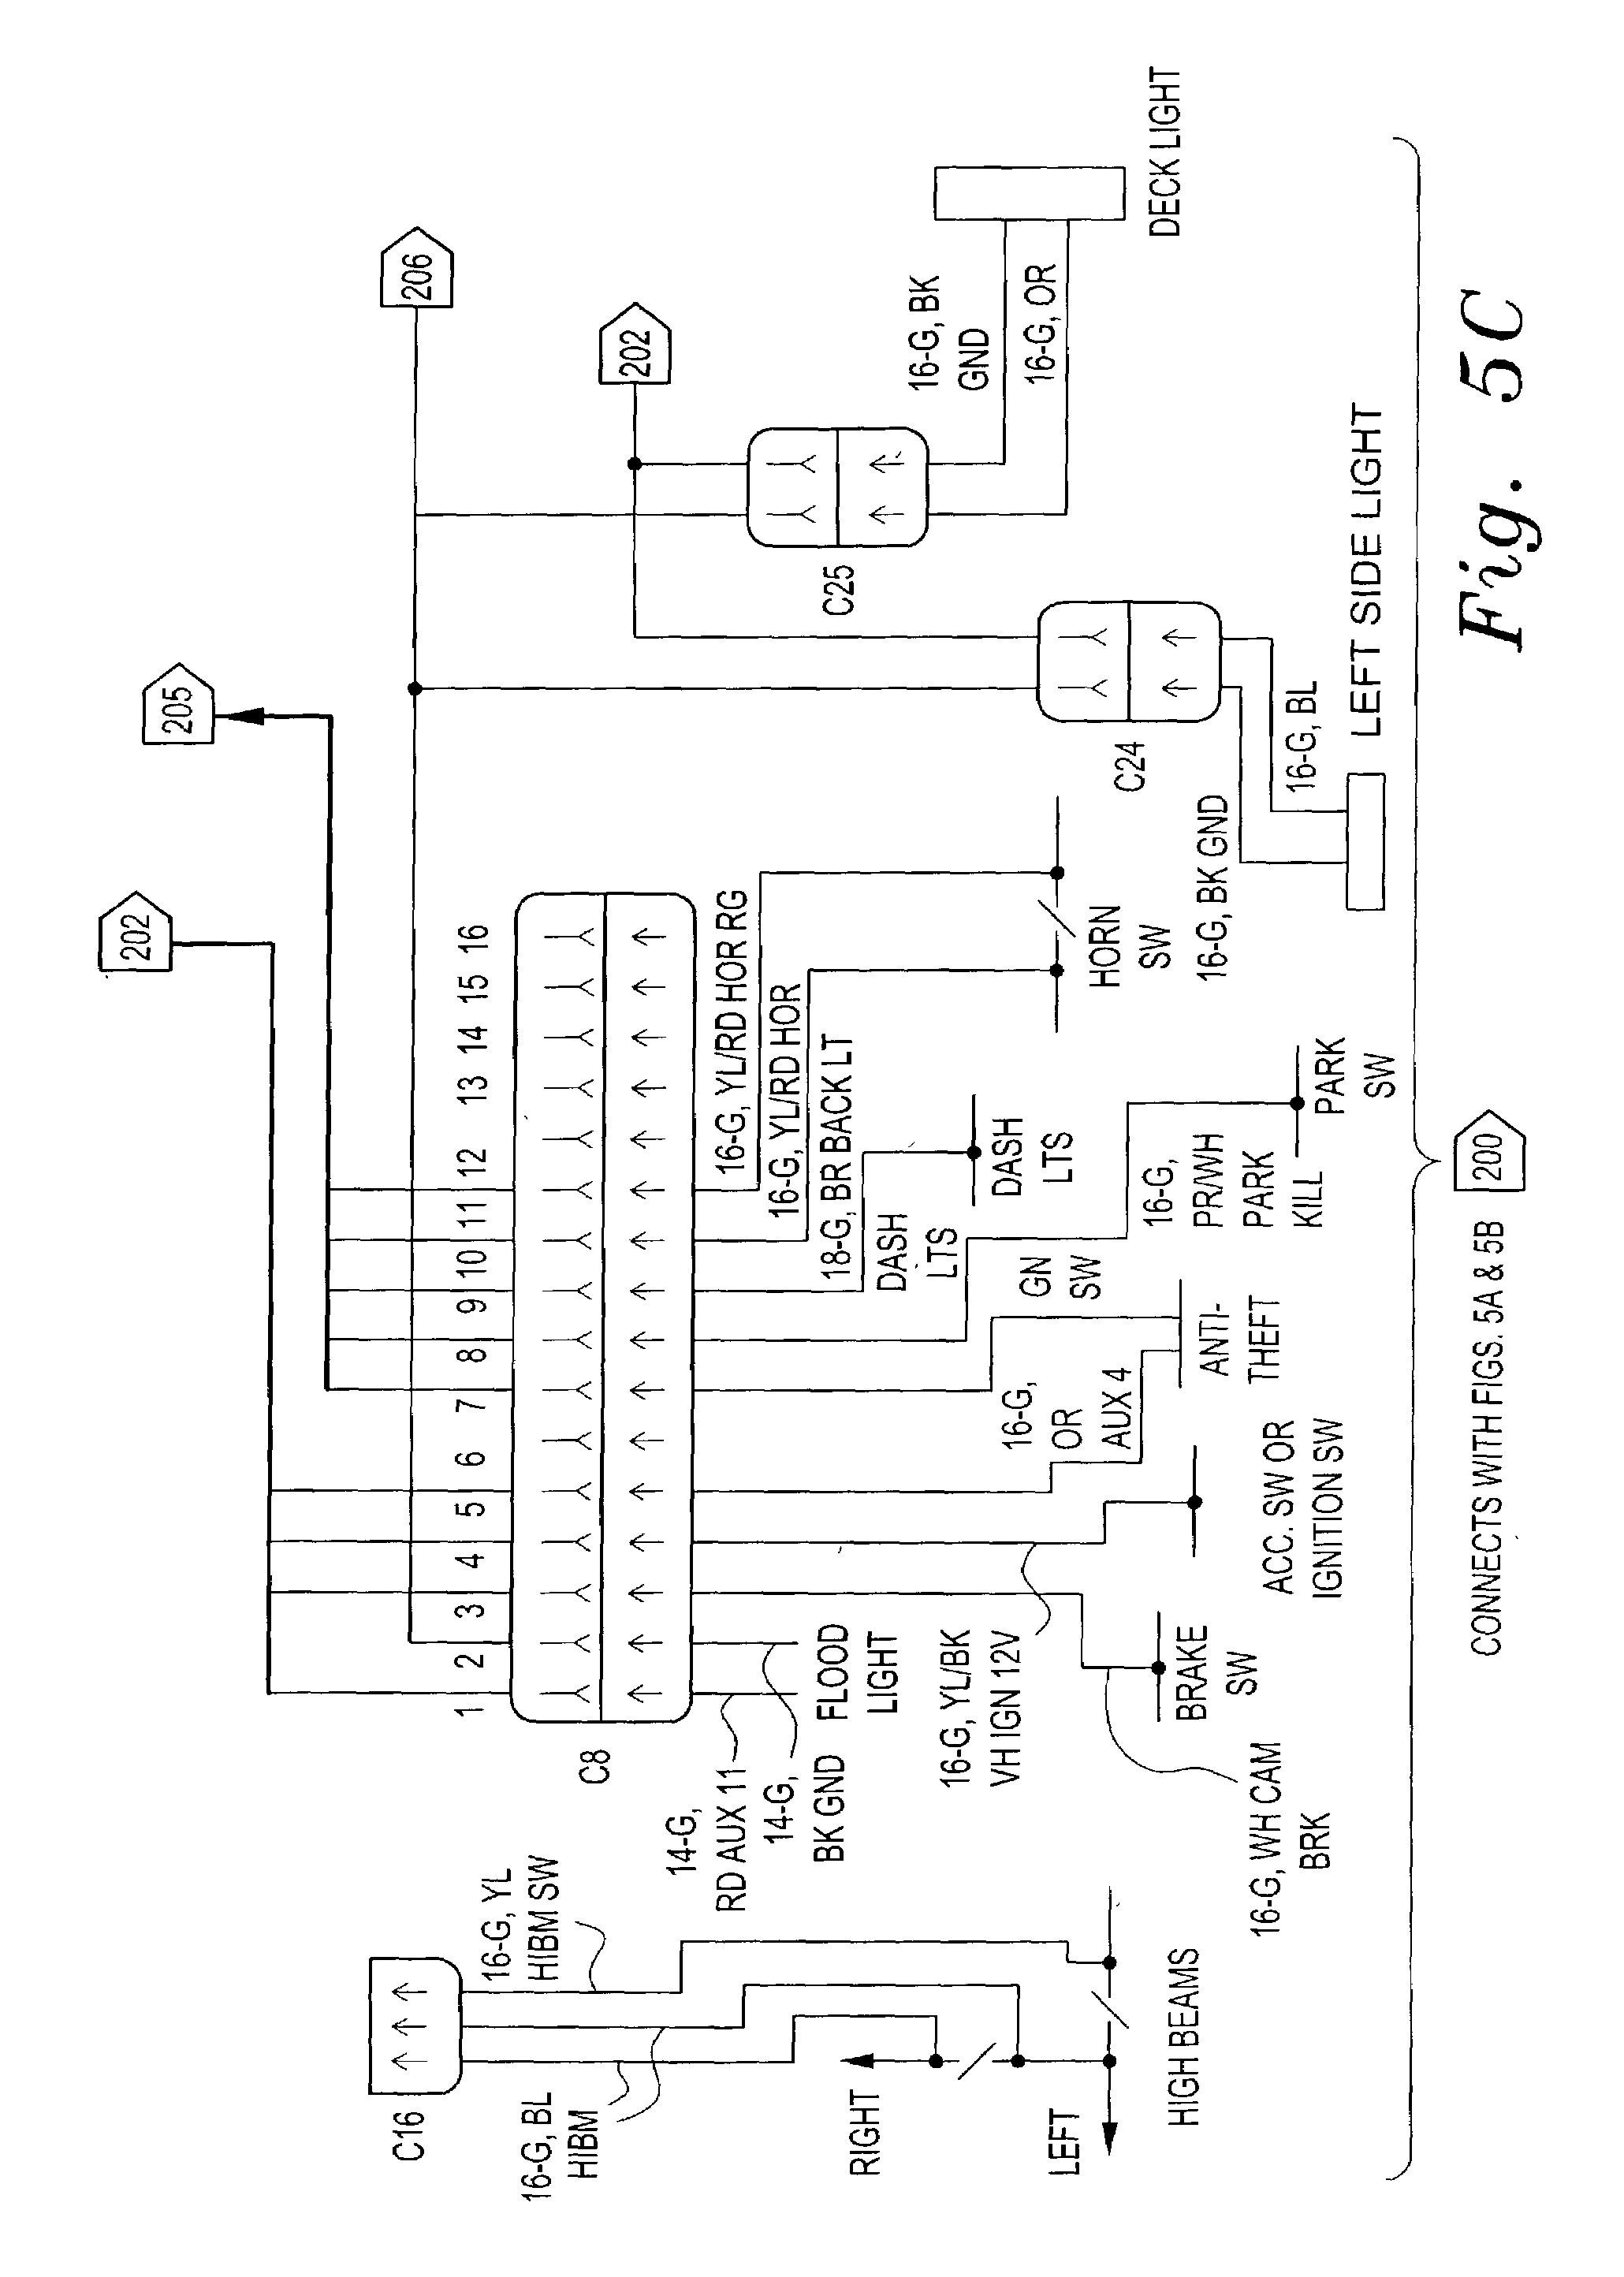 new wiring diagram for whelen siren ipphil abrams siren wiring diagram wiring diagram for whelen